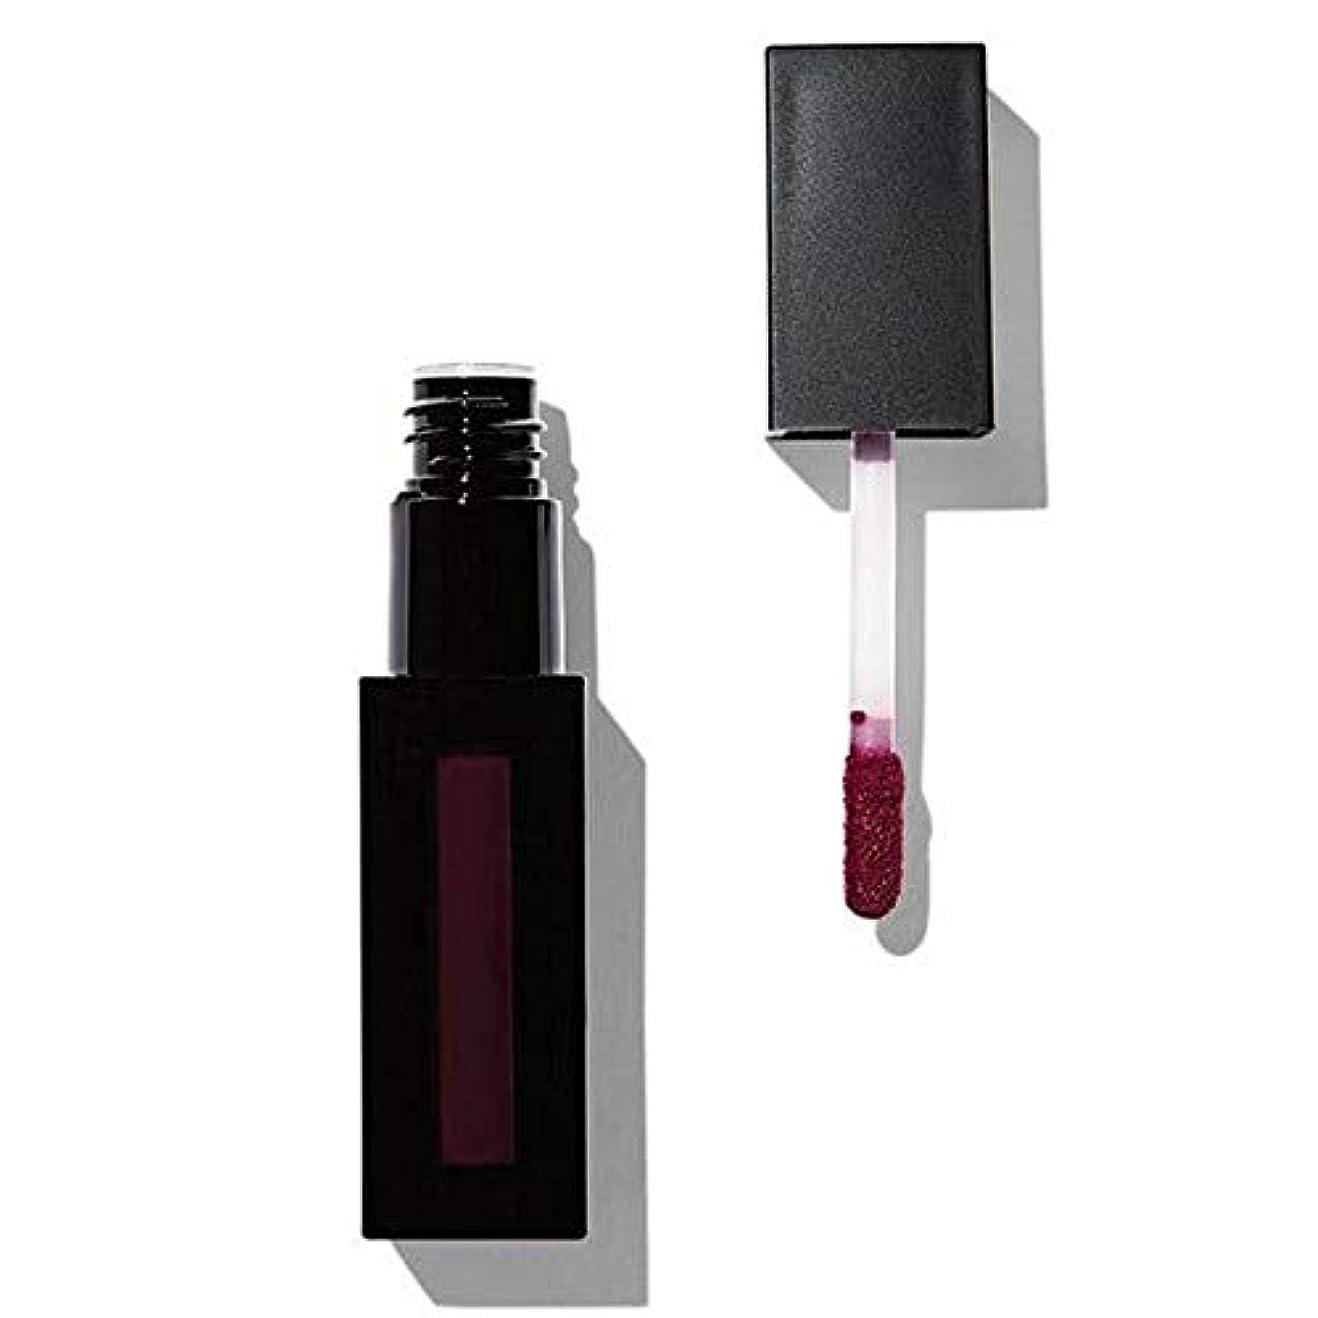 聖なる隠すドック[Revolution ] 革命プロ最高のマットリップ顔料勘 - Revolution Pro Supreme Matte Lip Pigment Intuition [並行輸入品]